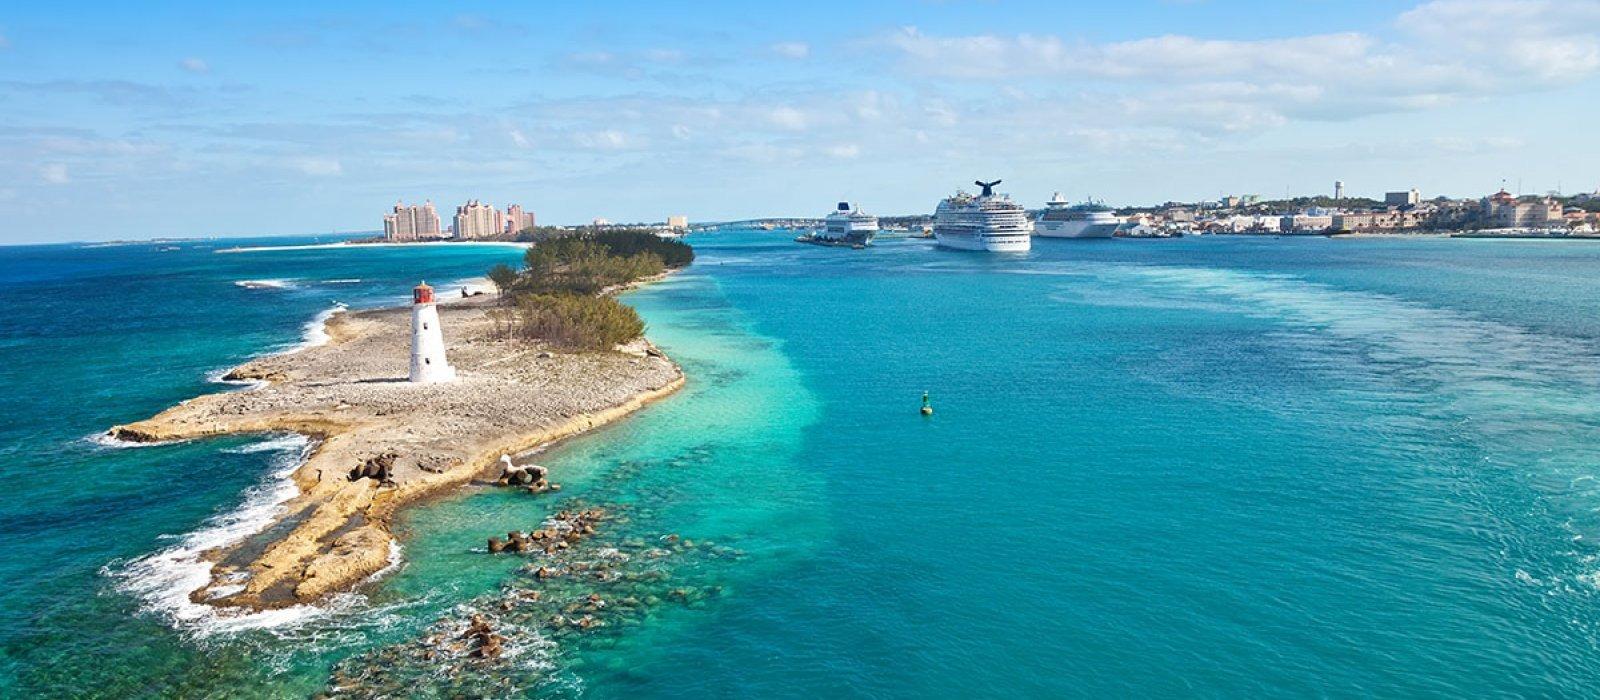 East Coast with Bahamas Cruise